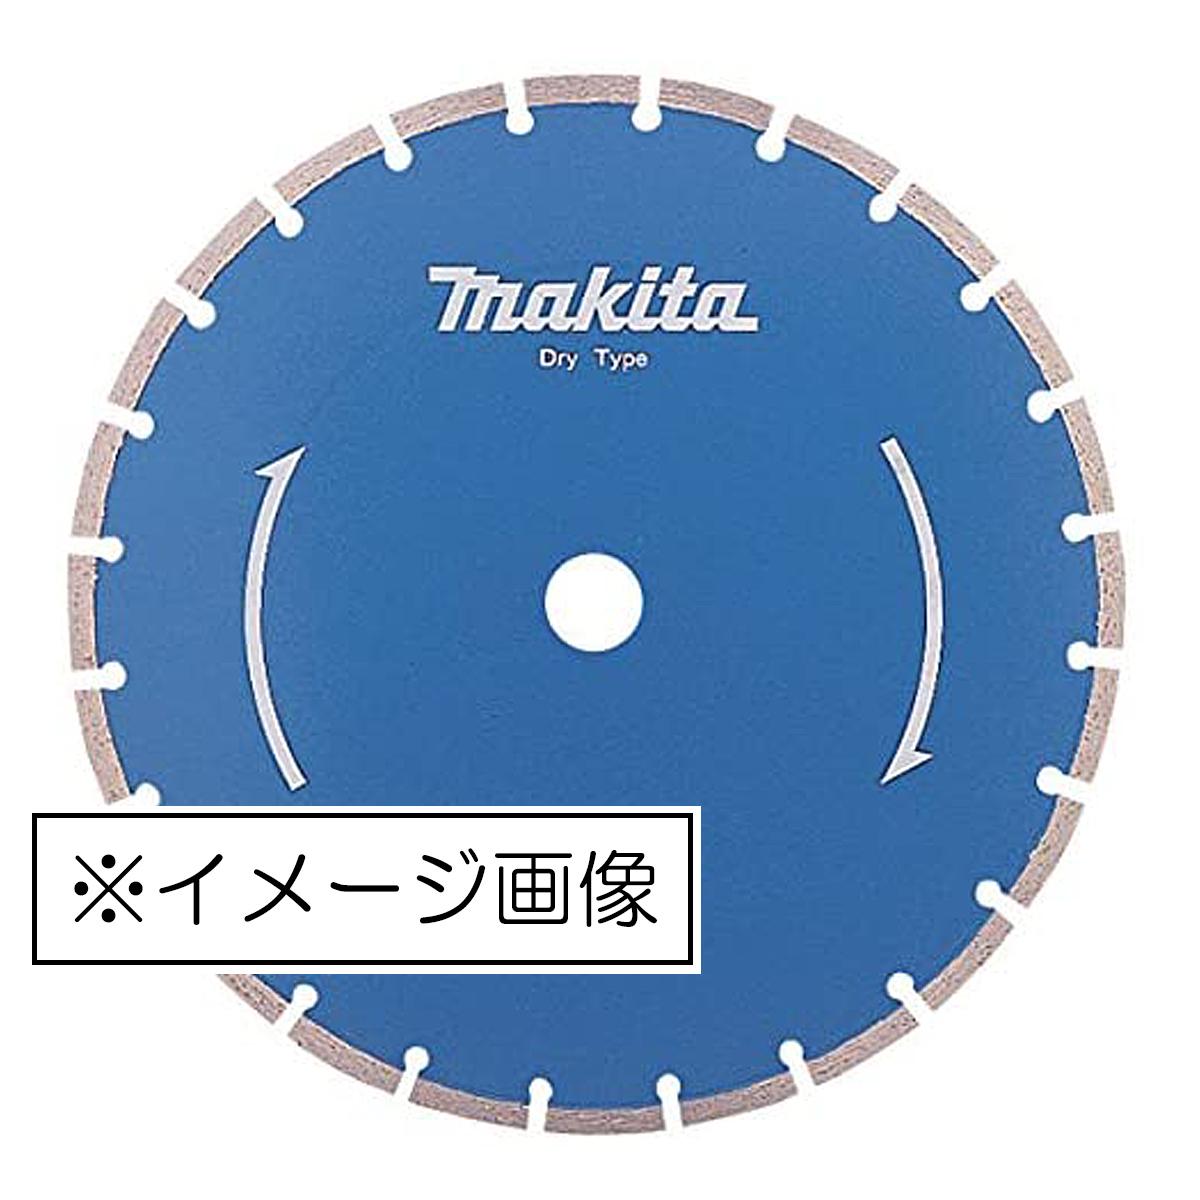 マキタ マーケット ダイヤモンドホイール 公式通販 A-31170 セグメント 普及タイプ 230mm